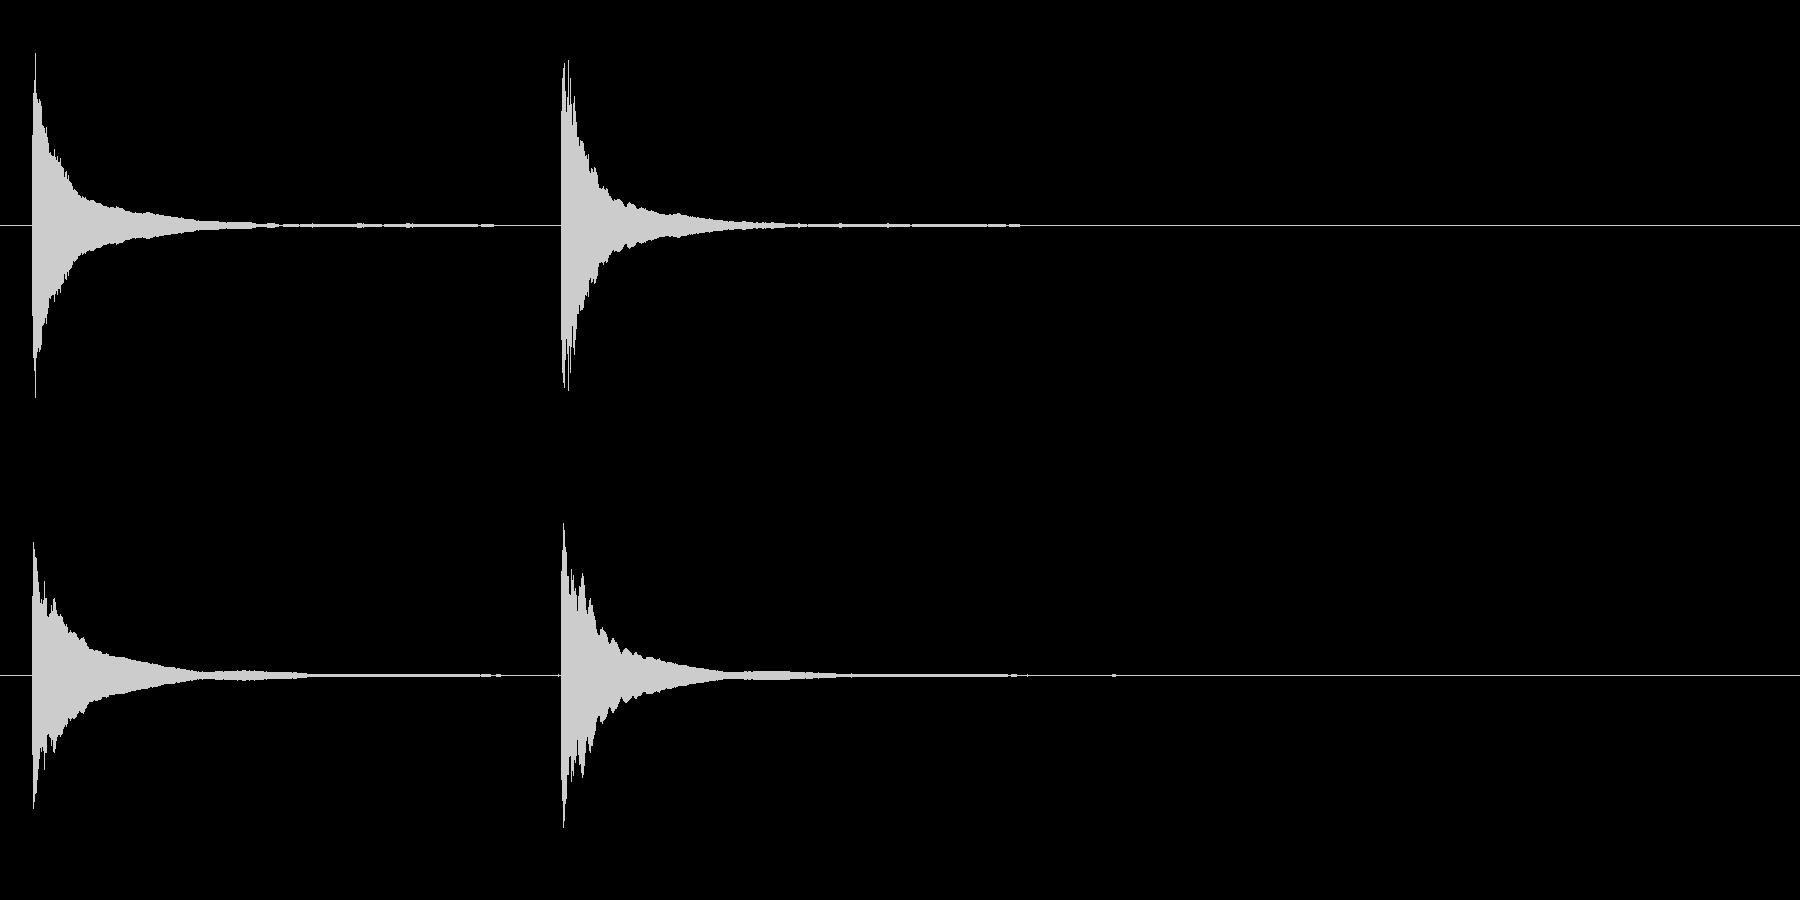 「チンチン」邦楽の鉦、松虫の連続音+FXの未再生の波形